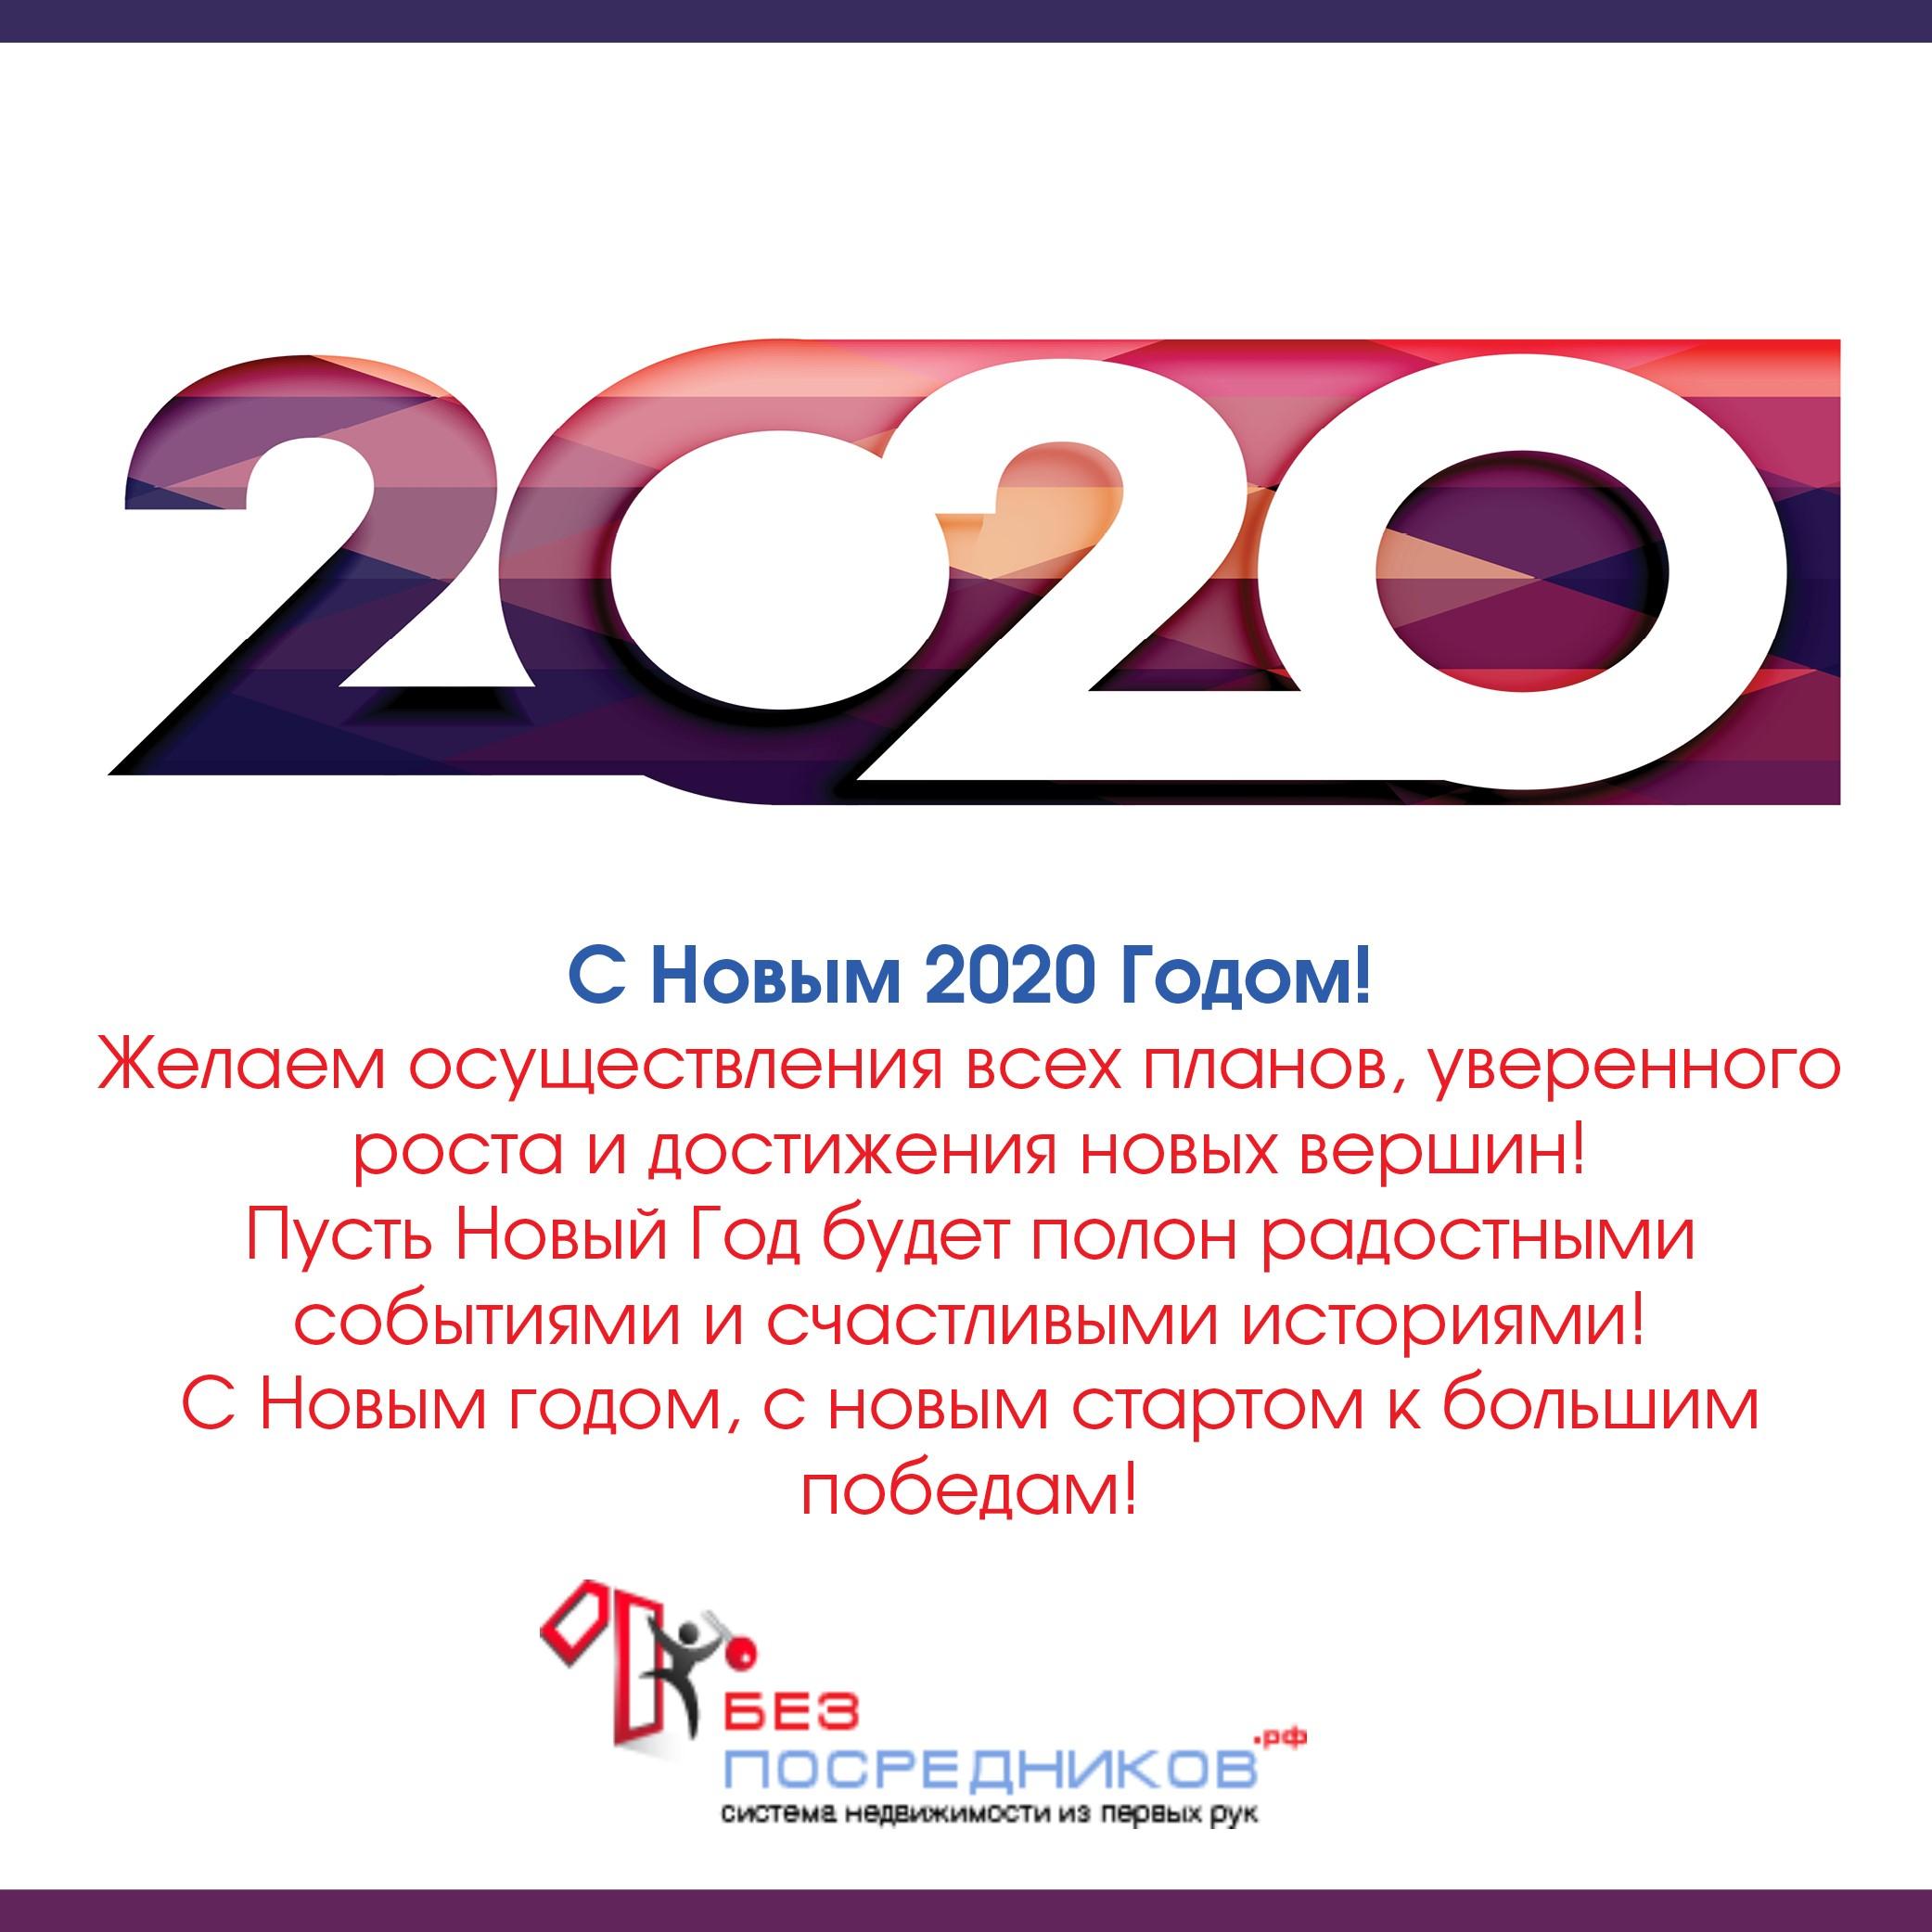 Способы выкупа квартиры у государства в 2020 году: по рыночной стоимости, через электронный аукцион или приватизацию